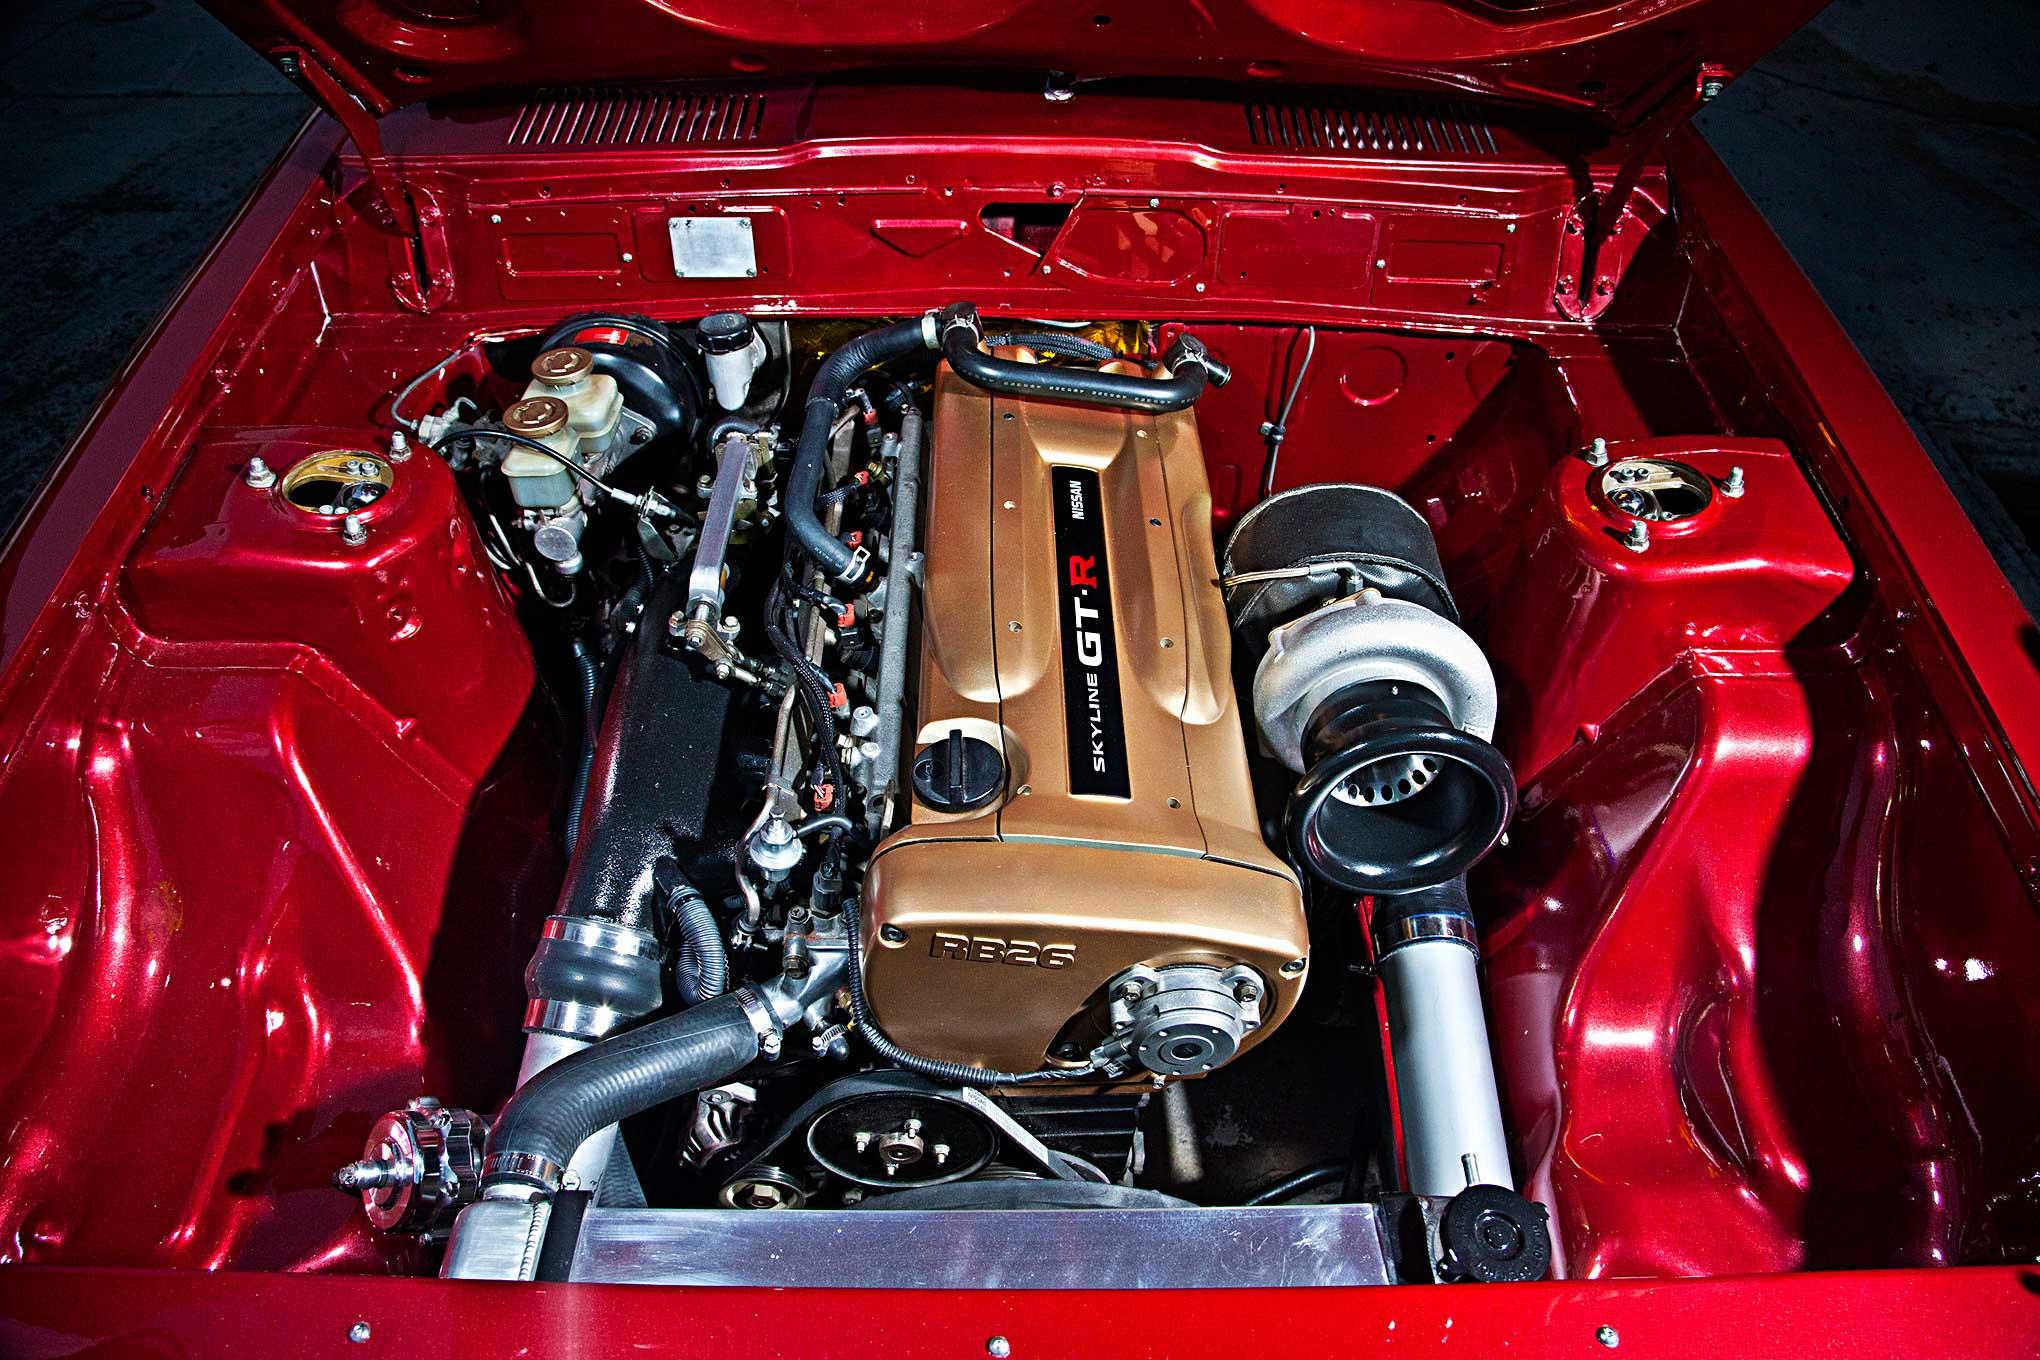 Ek Fuse Box Tuck - Wiring Diagram Categories Honda Civic Fuse Box Tuck on civic fuel line tuck, civic clutch master cylinder tuck, civic wire tuck,